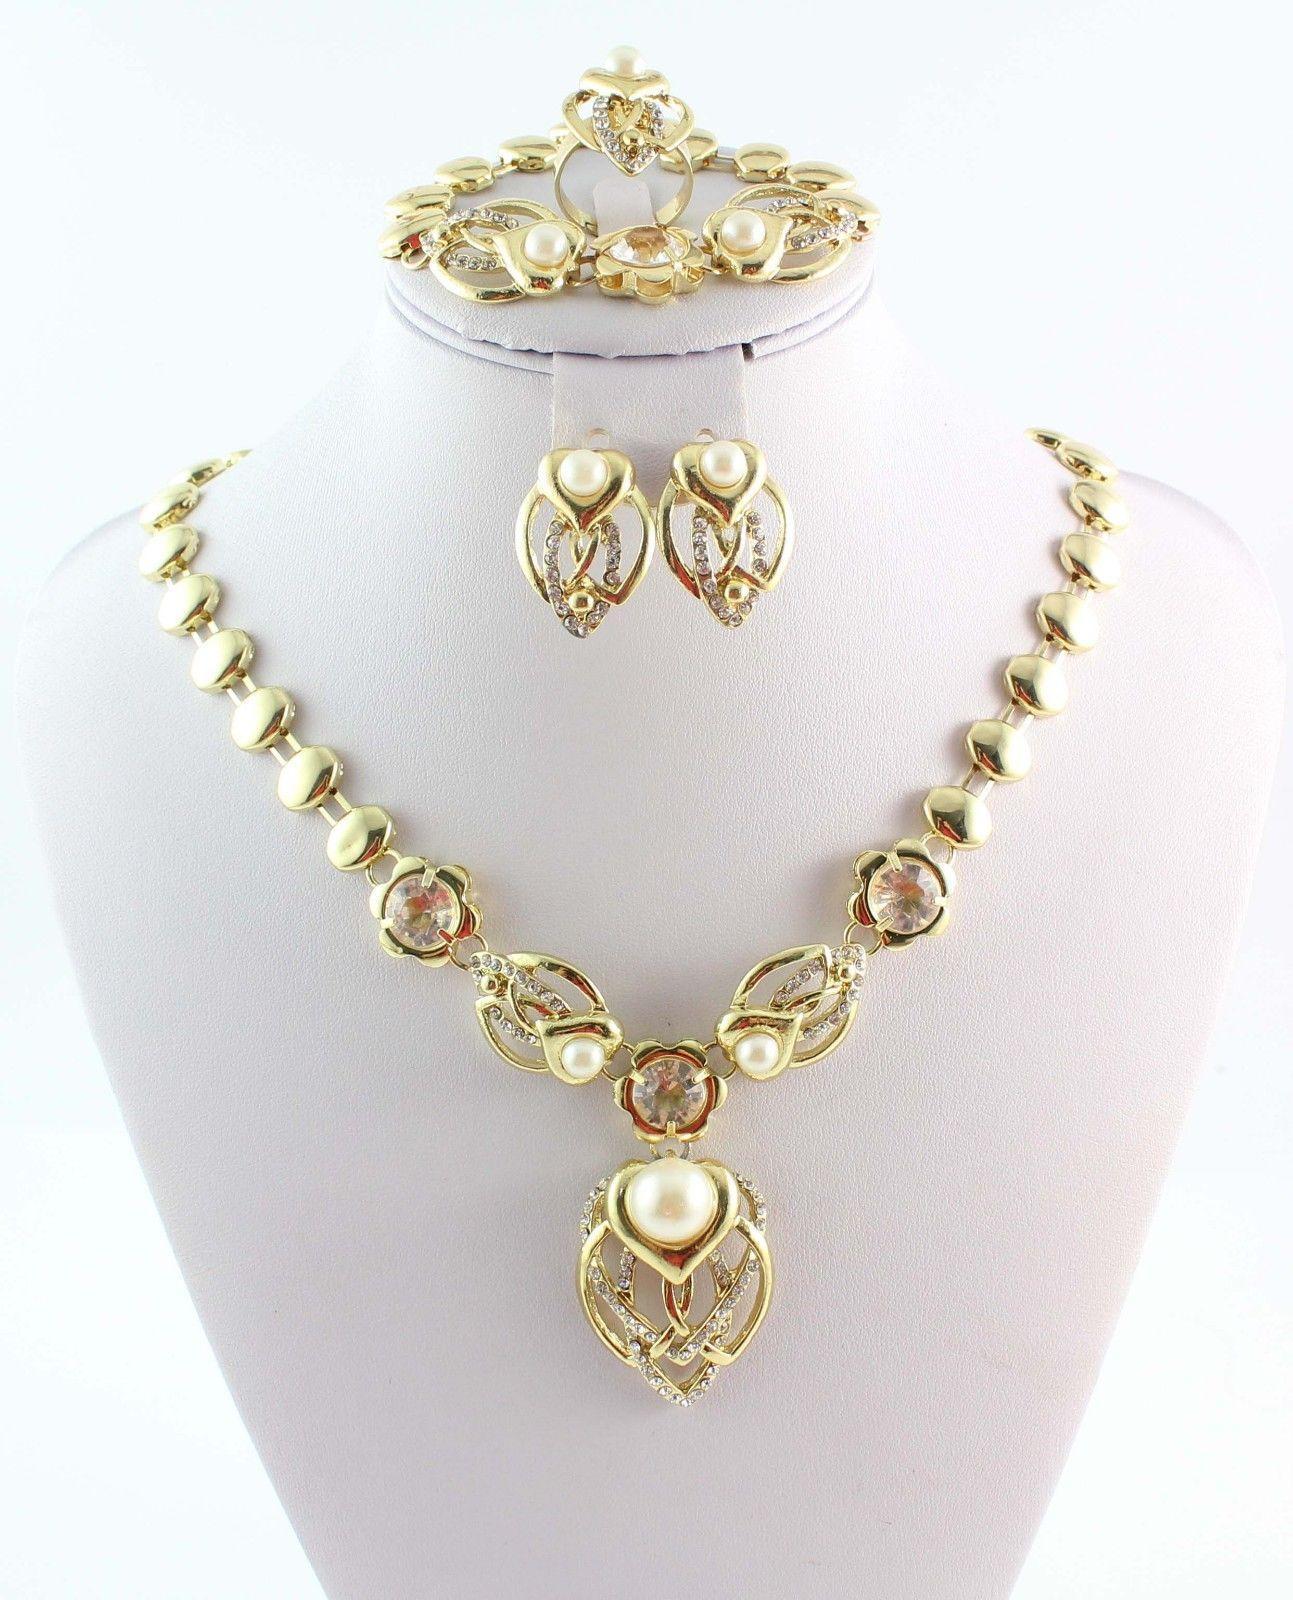 Nueva moda africana joyería de fantasía conjunto joyería de la boda chapado en oro claro cristal collar de perlas conjunto